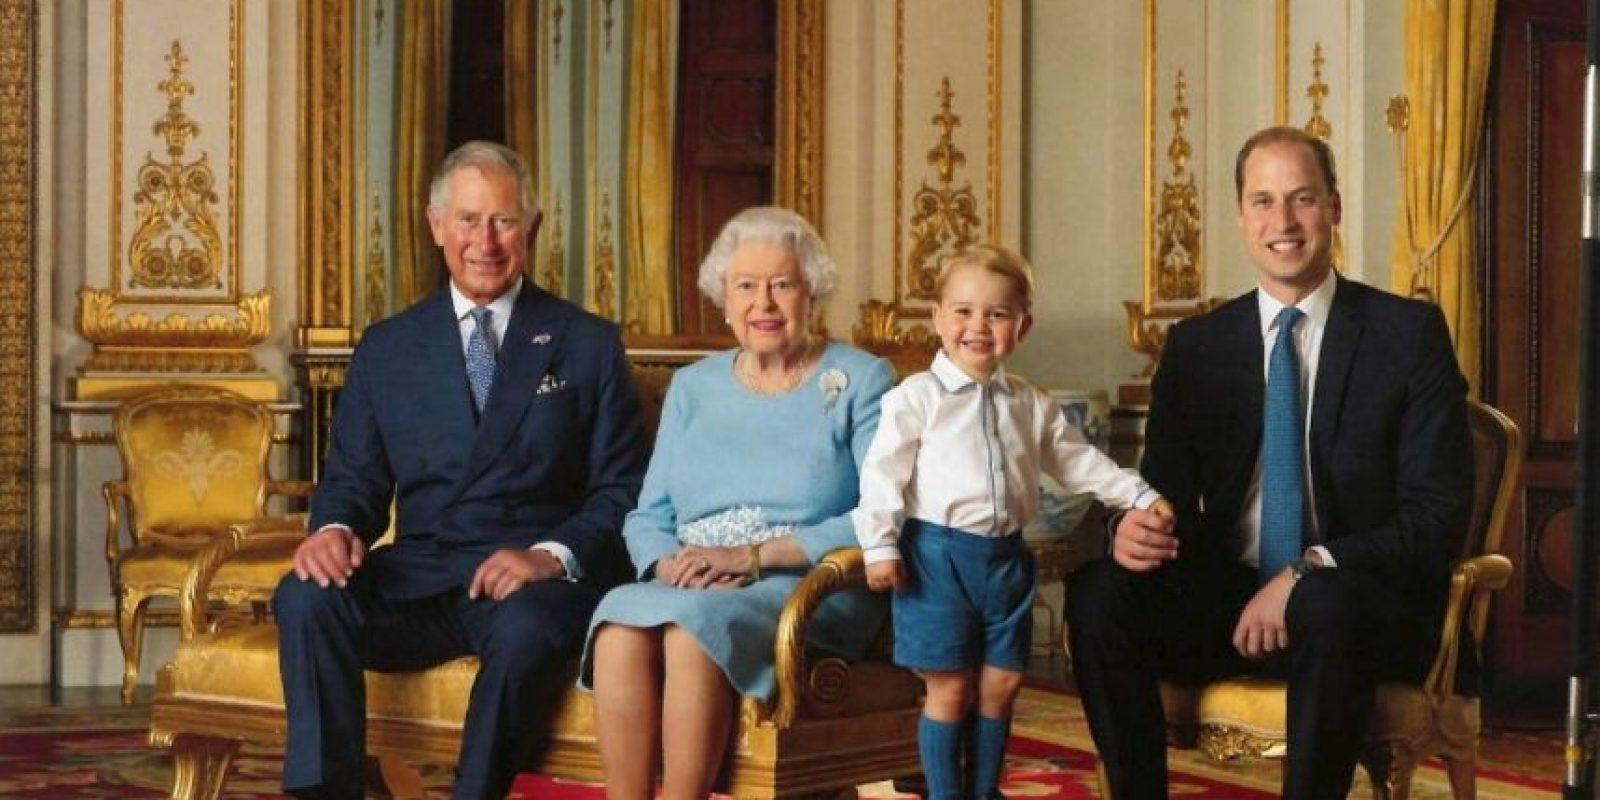 Es el tercero en la línea de sucesión al trono británico Foto:facebook.com/TheBritishMonarchy